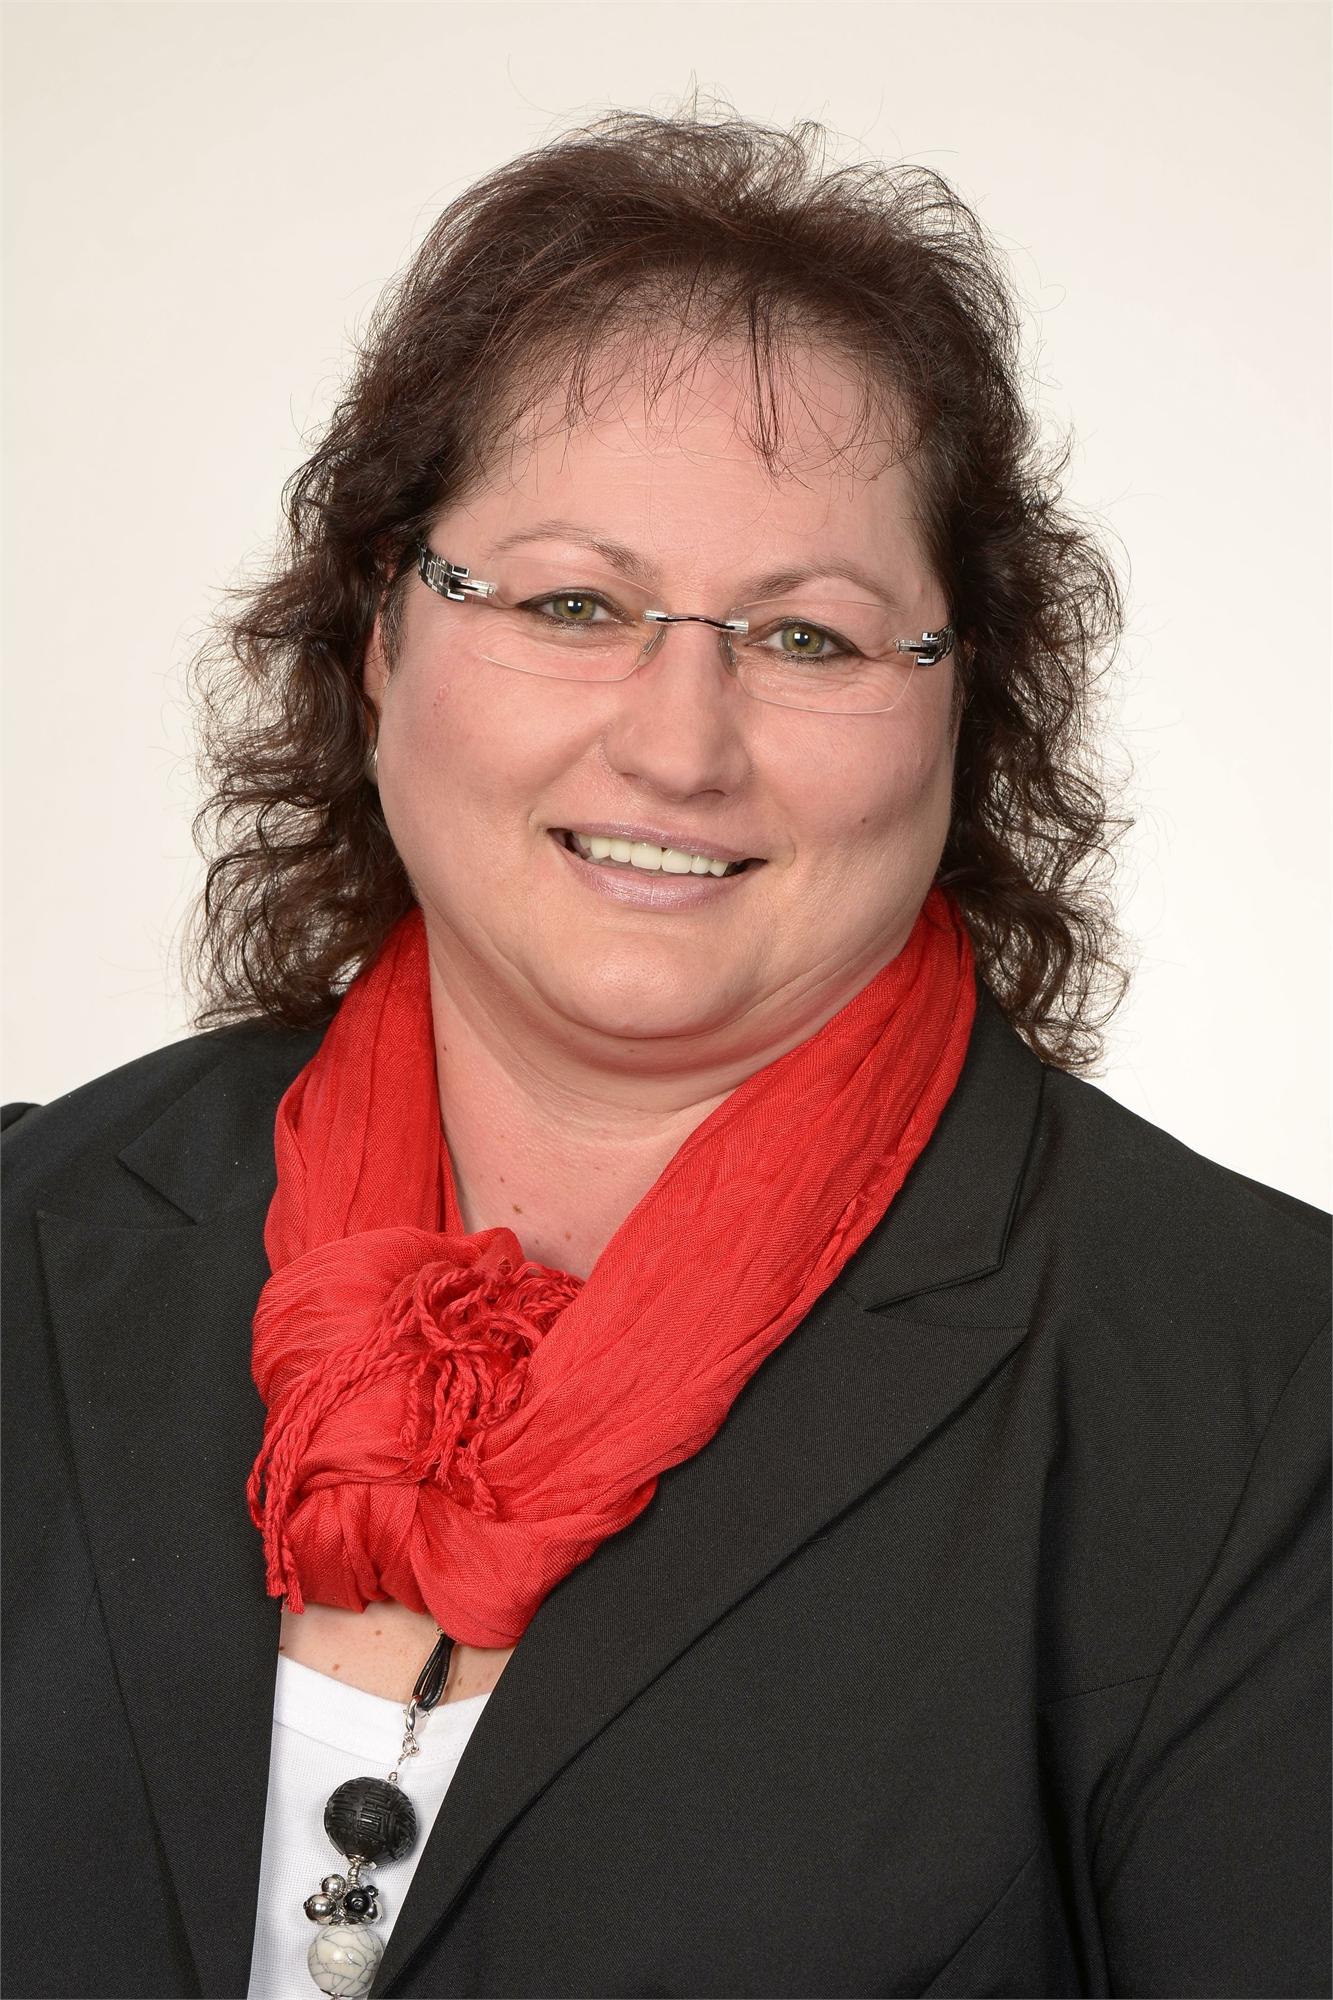 Portrait von Anke Stengel